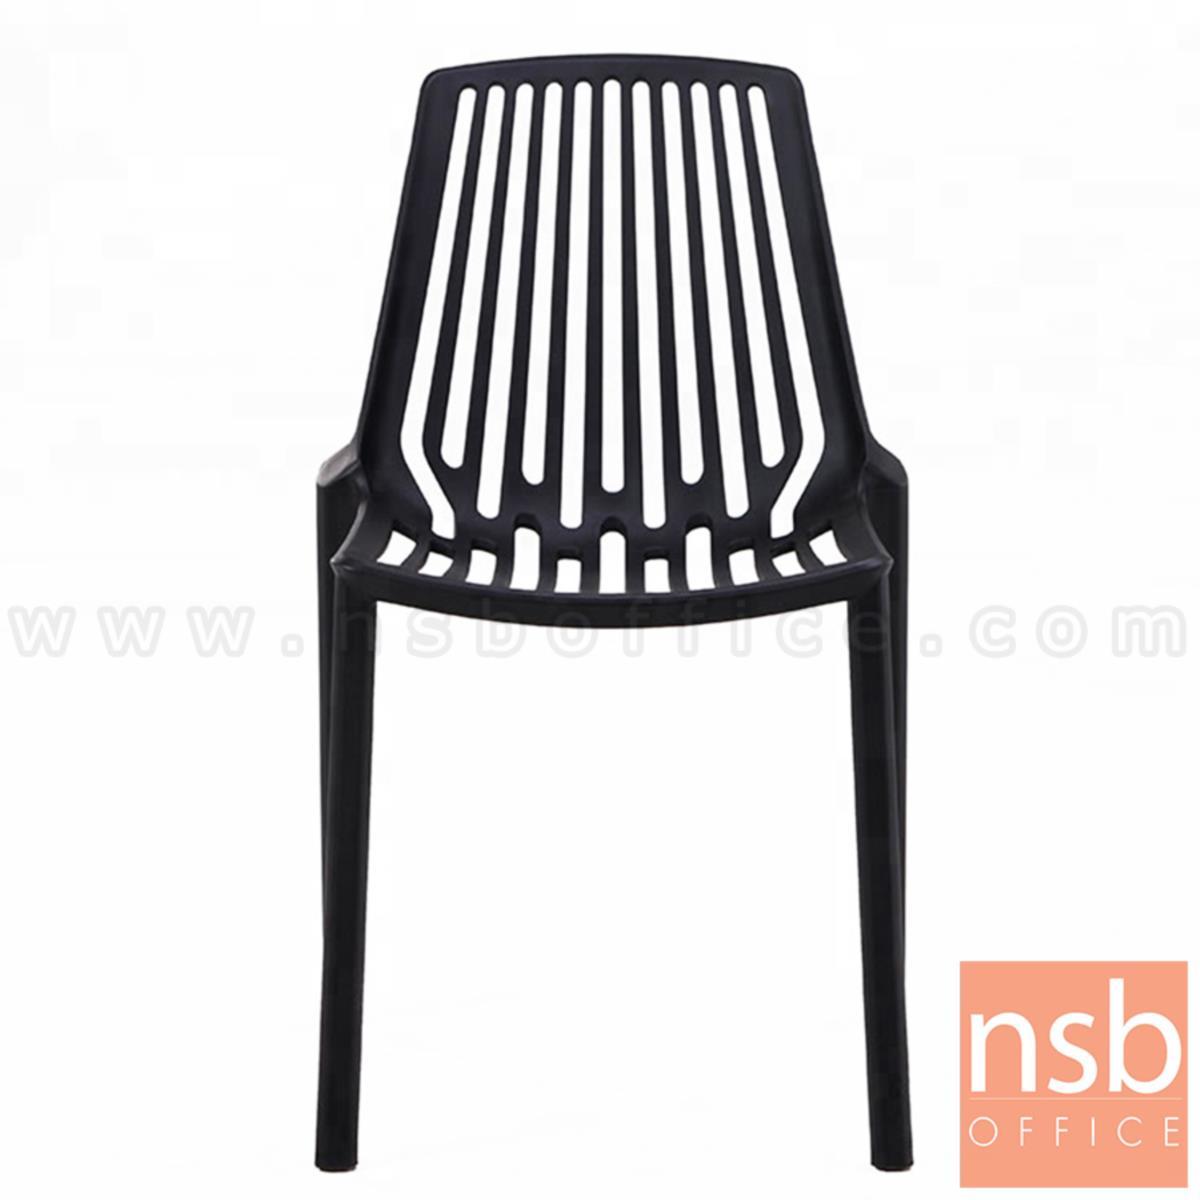 เก้าอี้โมดิร์นพลาสติกโพลี่(PP)ล้วนลายระแนง รุ่น Jairay (แจเรย์) ขนาด 55W cm.